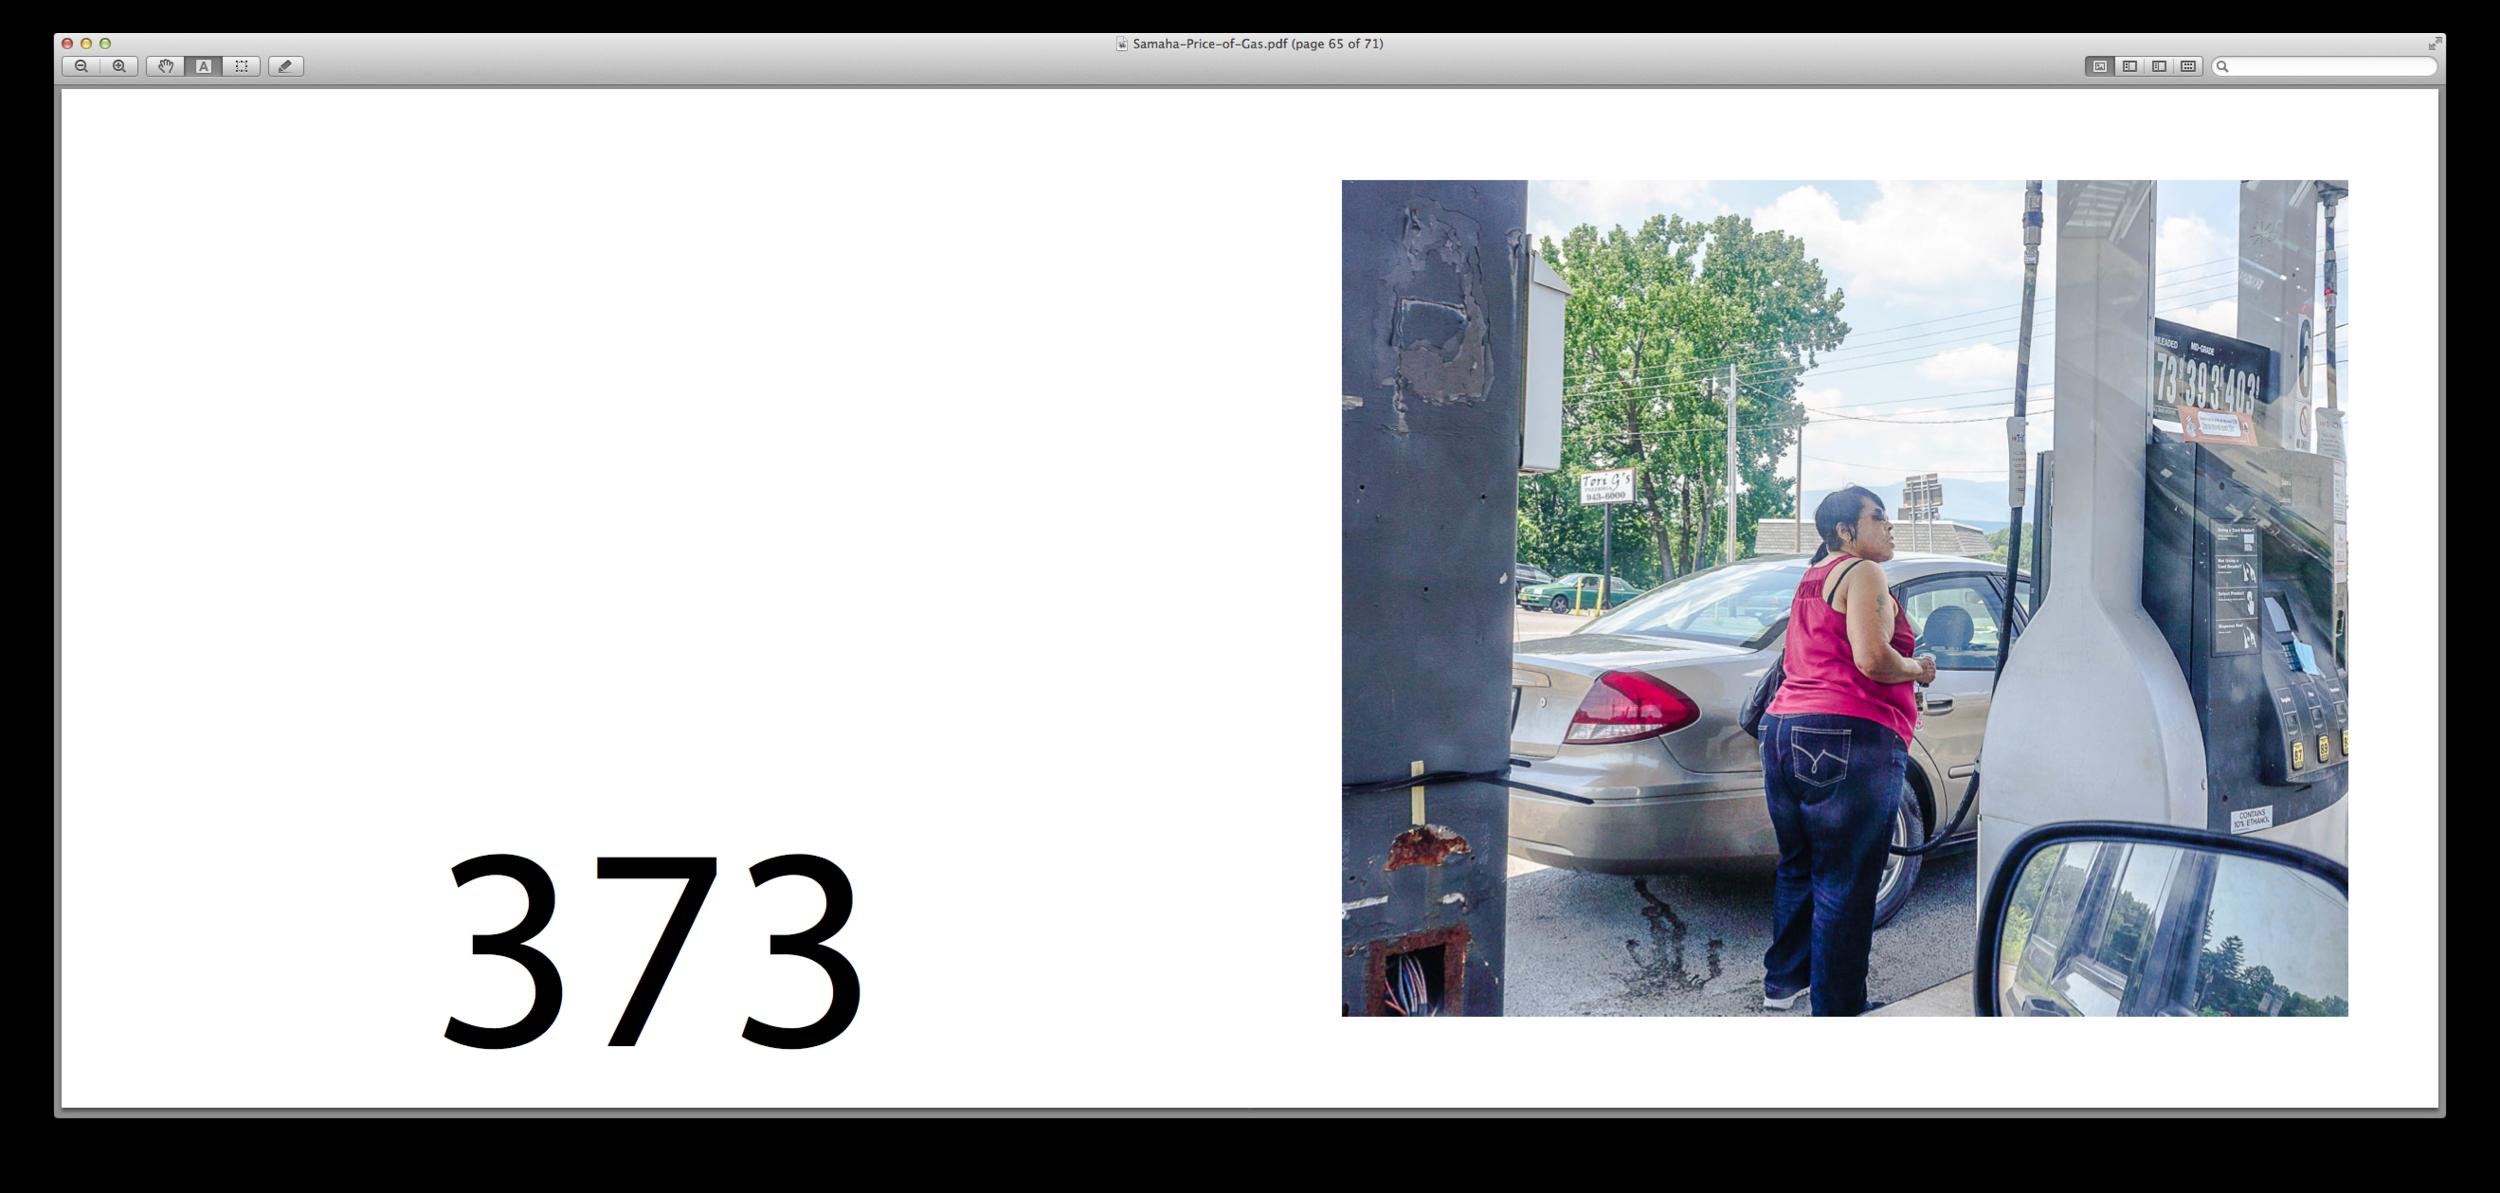 Screen Shot 2013-11-20 at 11.14.23 PM.png